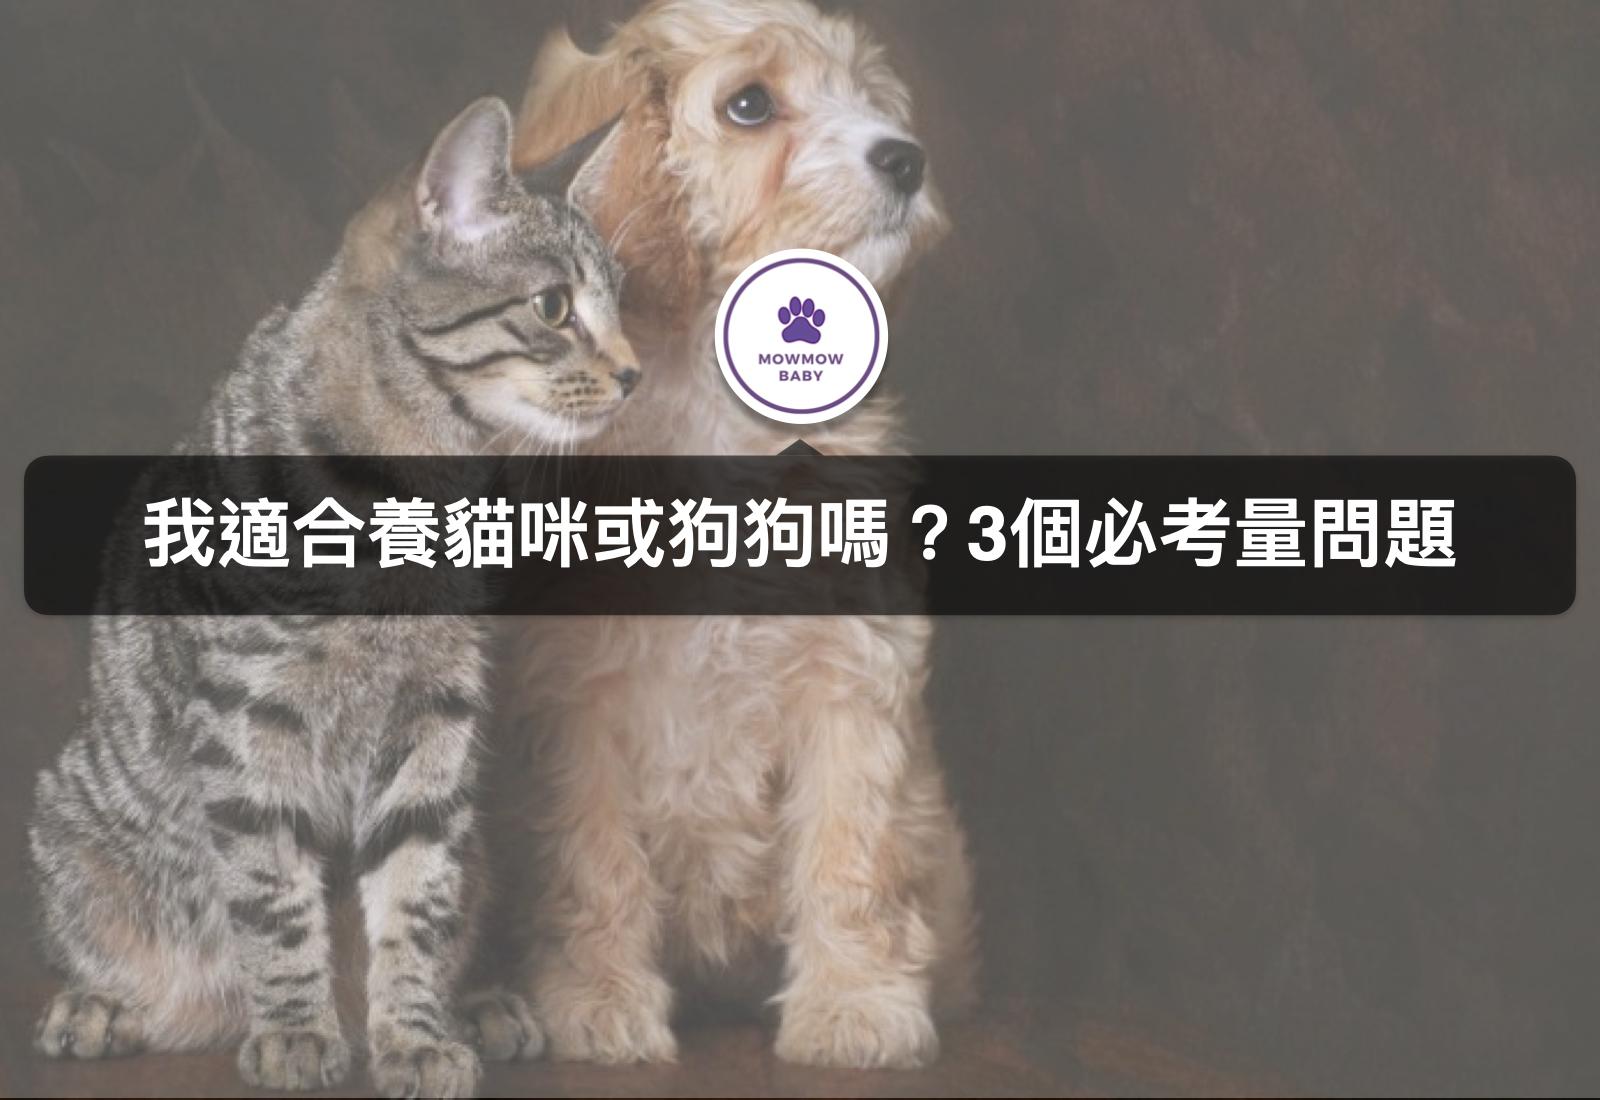 想養寵物需要注意什麼?三大貓狗飼養必懂須知!